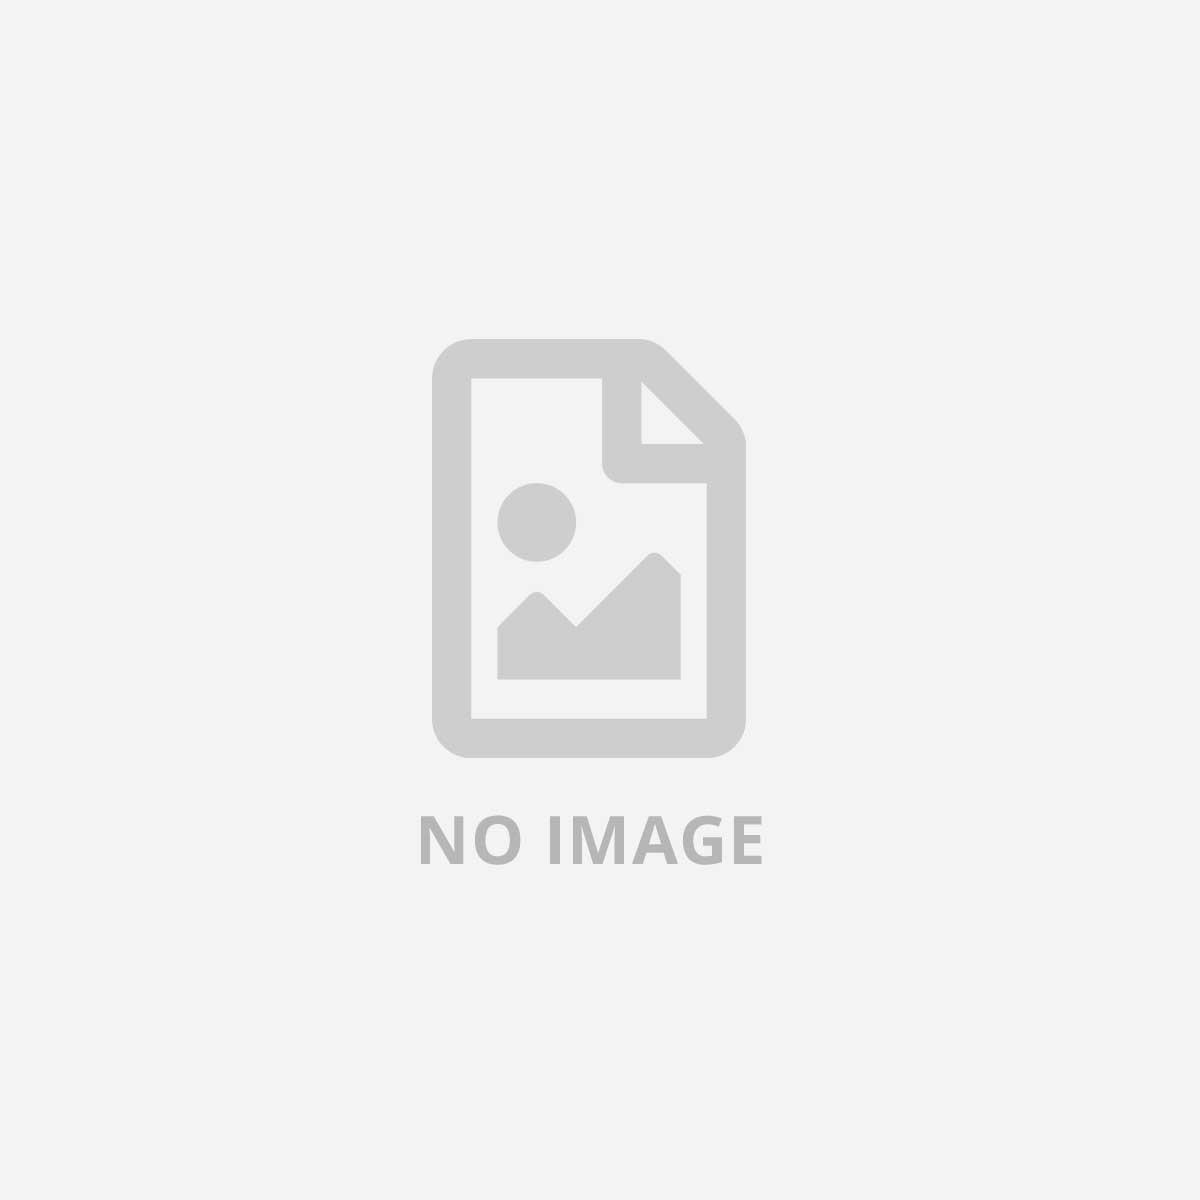 FUJITSU TX1310 M3 XEON E3-1225V6 8GB 2X1TB